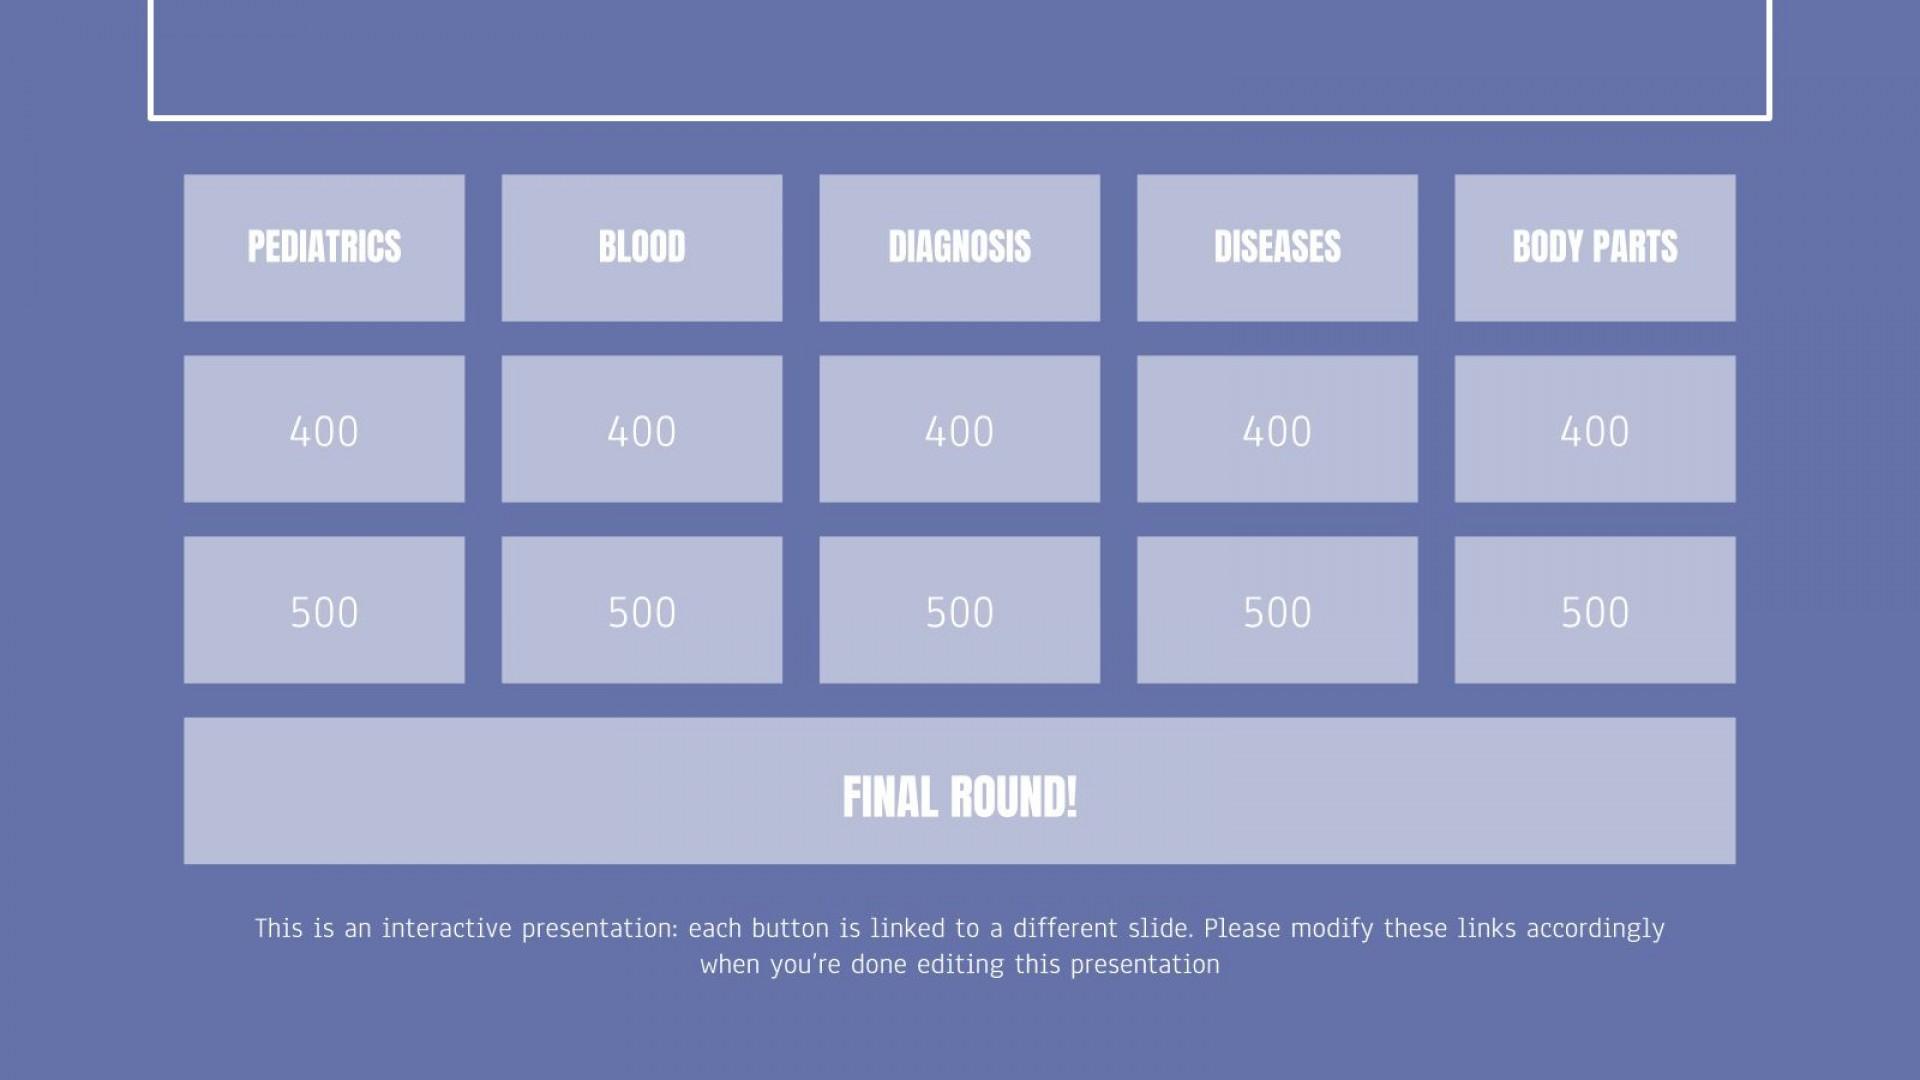 006 Outstanding Jeopardy Template Google Slide Highest Clarity  Slides Board Blank Best1920